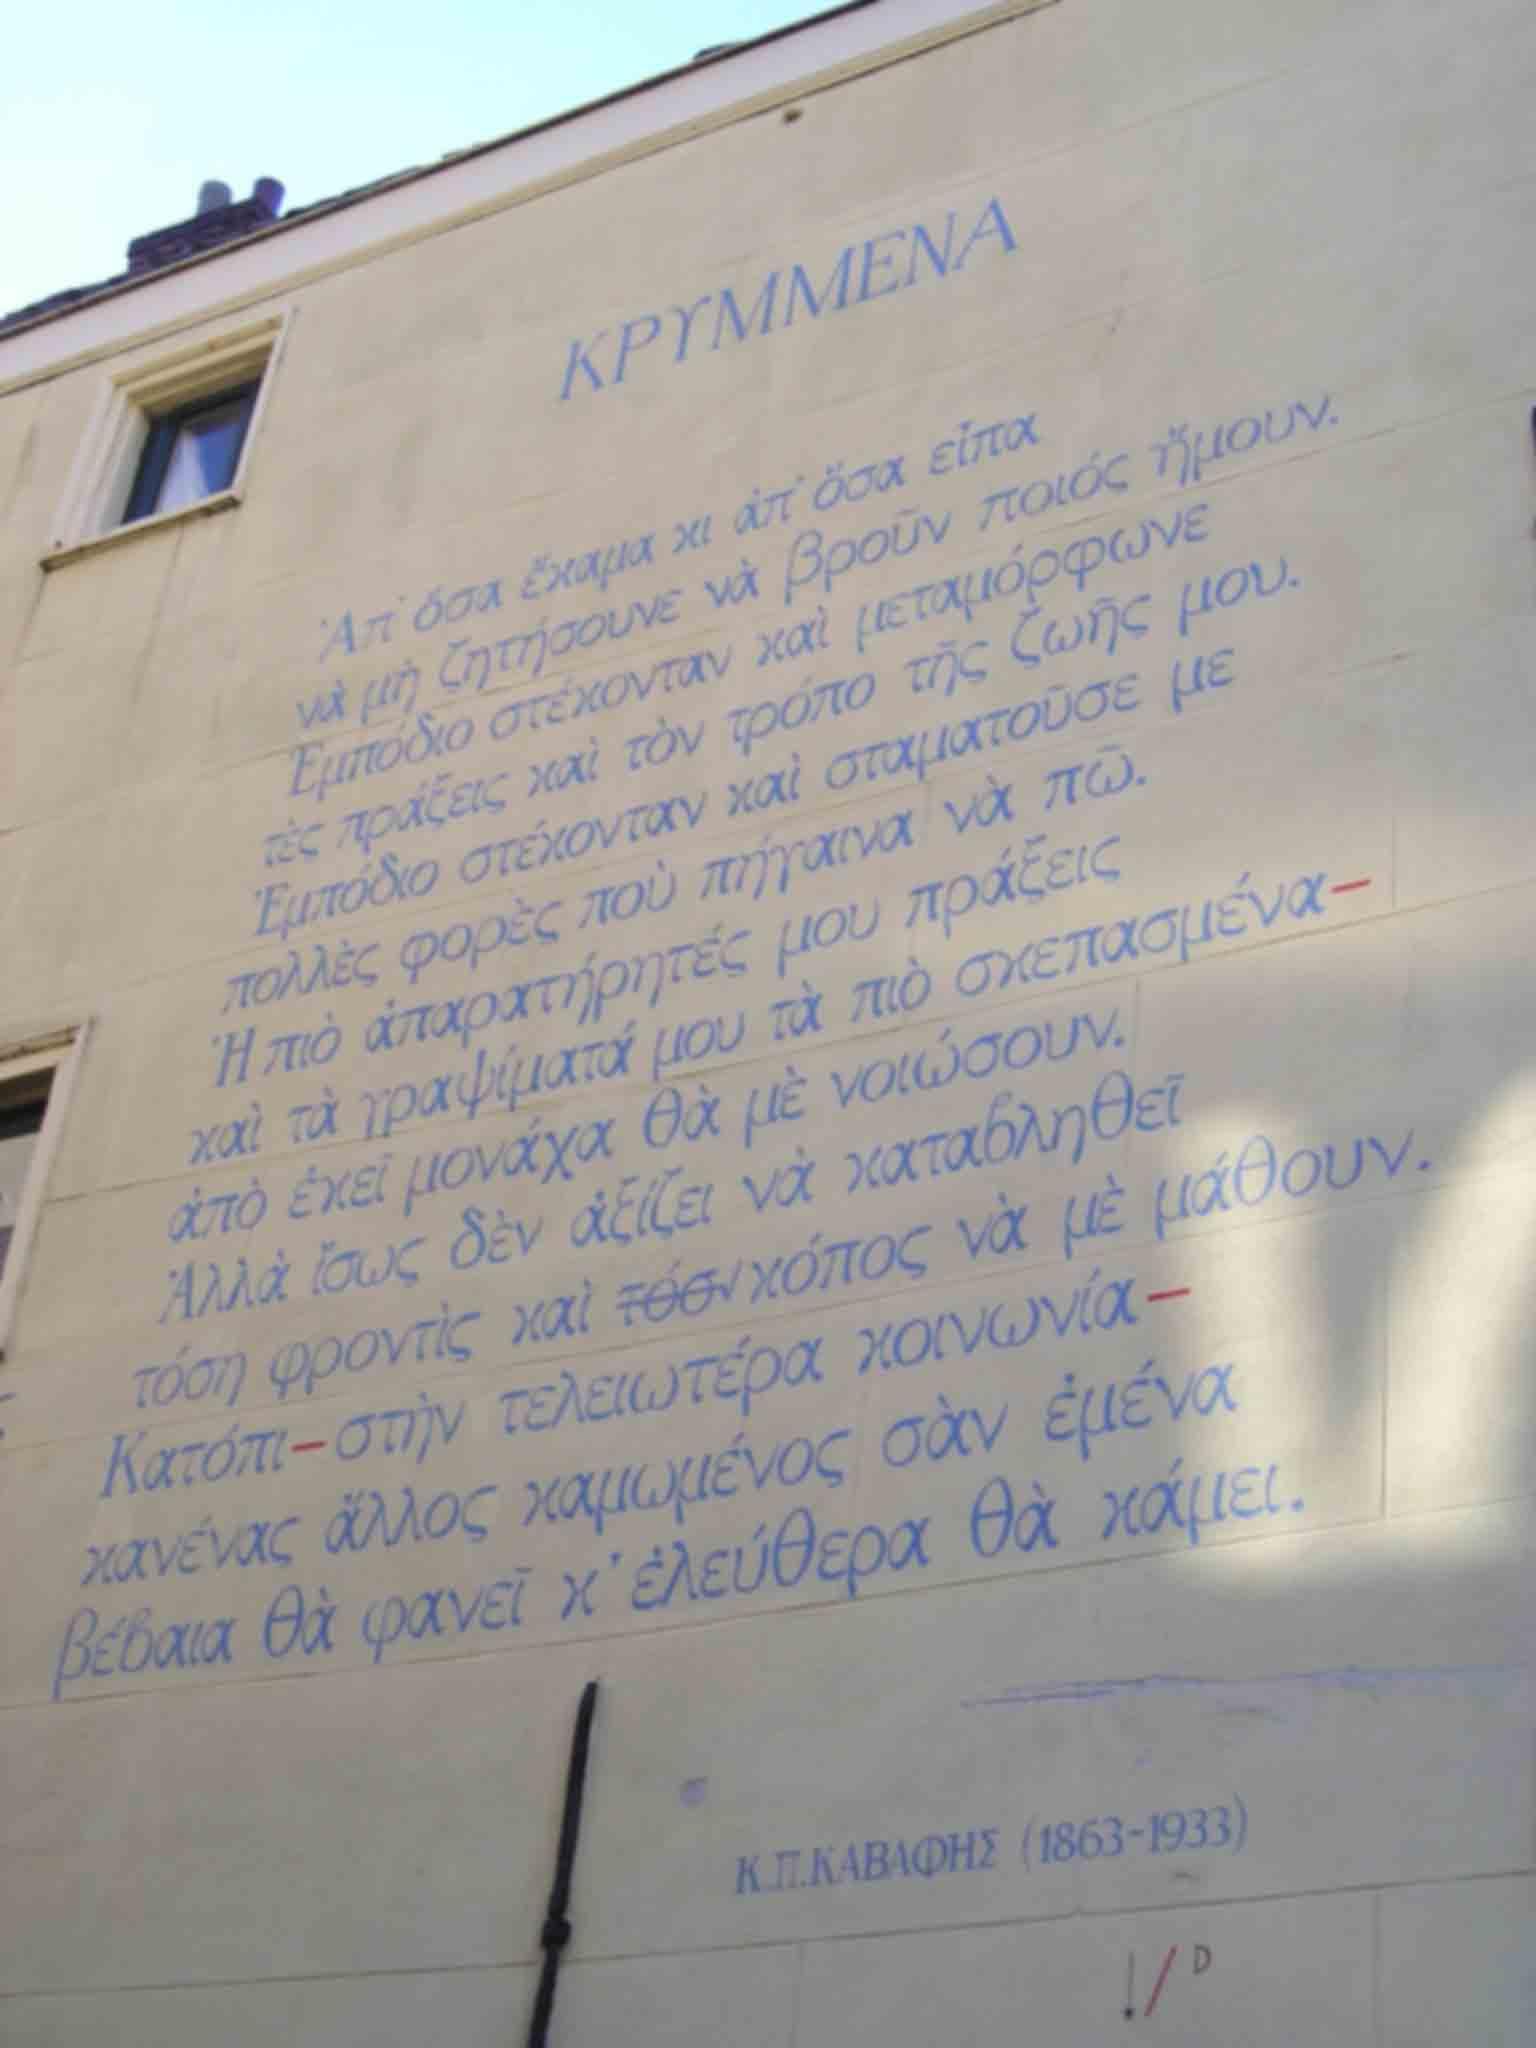 Poema de Cavafis en un mural en Leiden (Países Bajos).